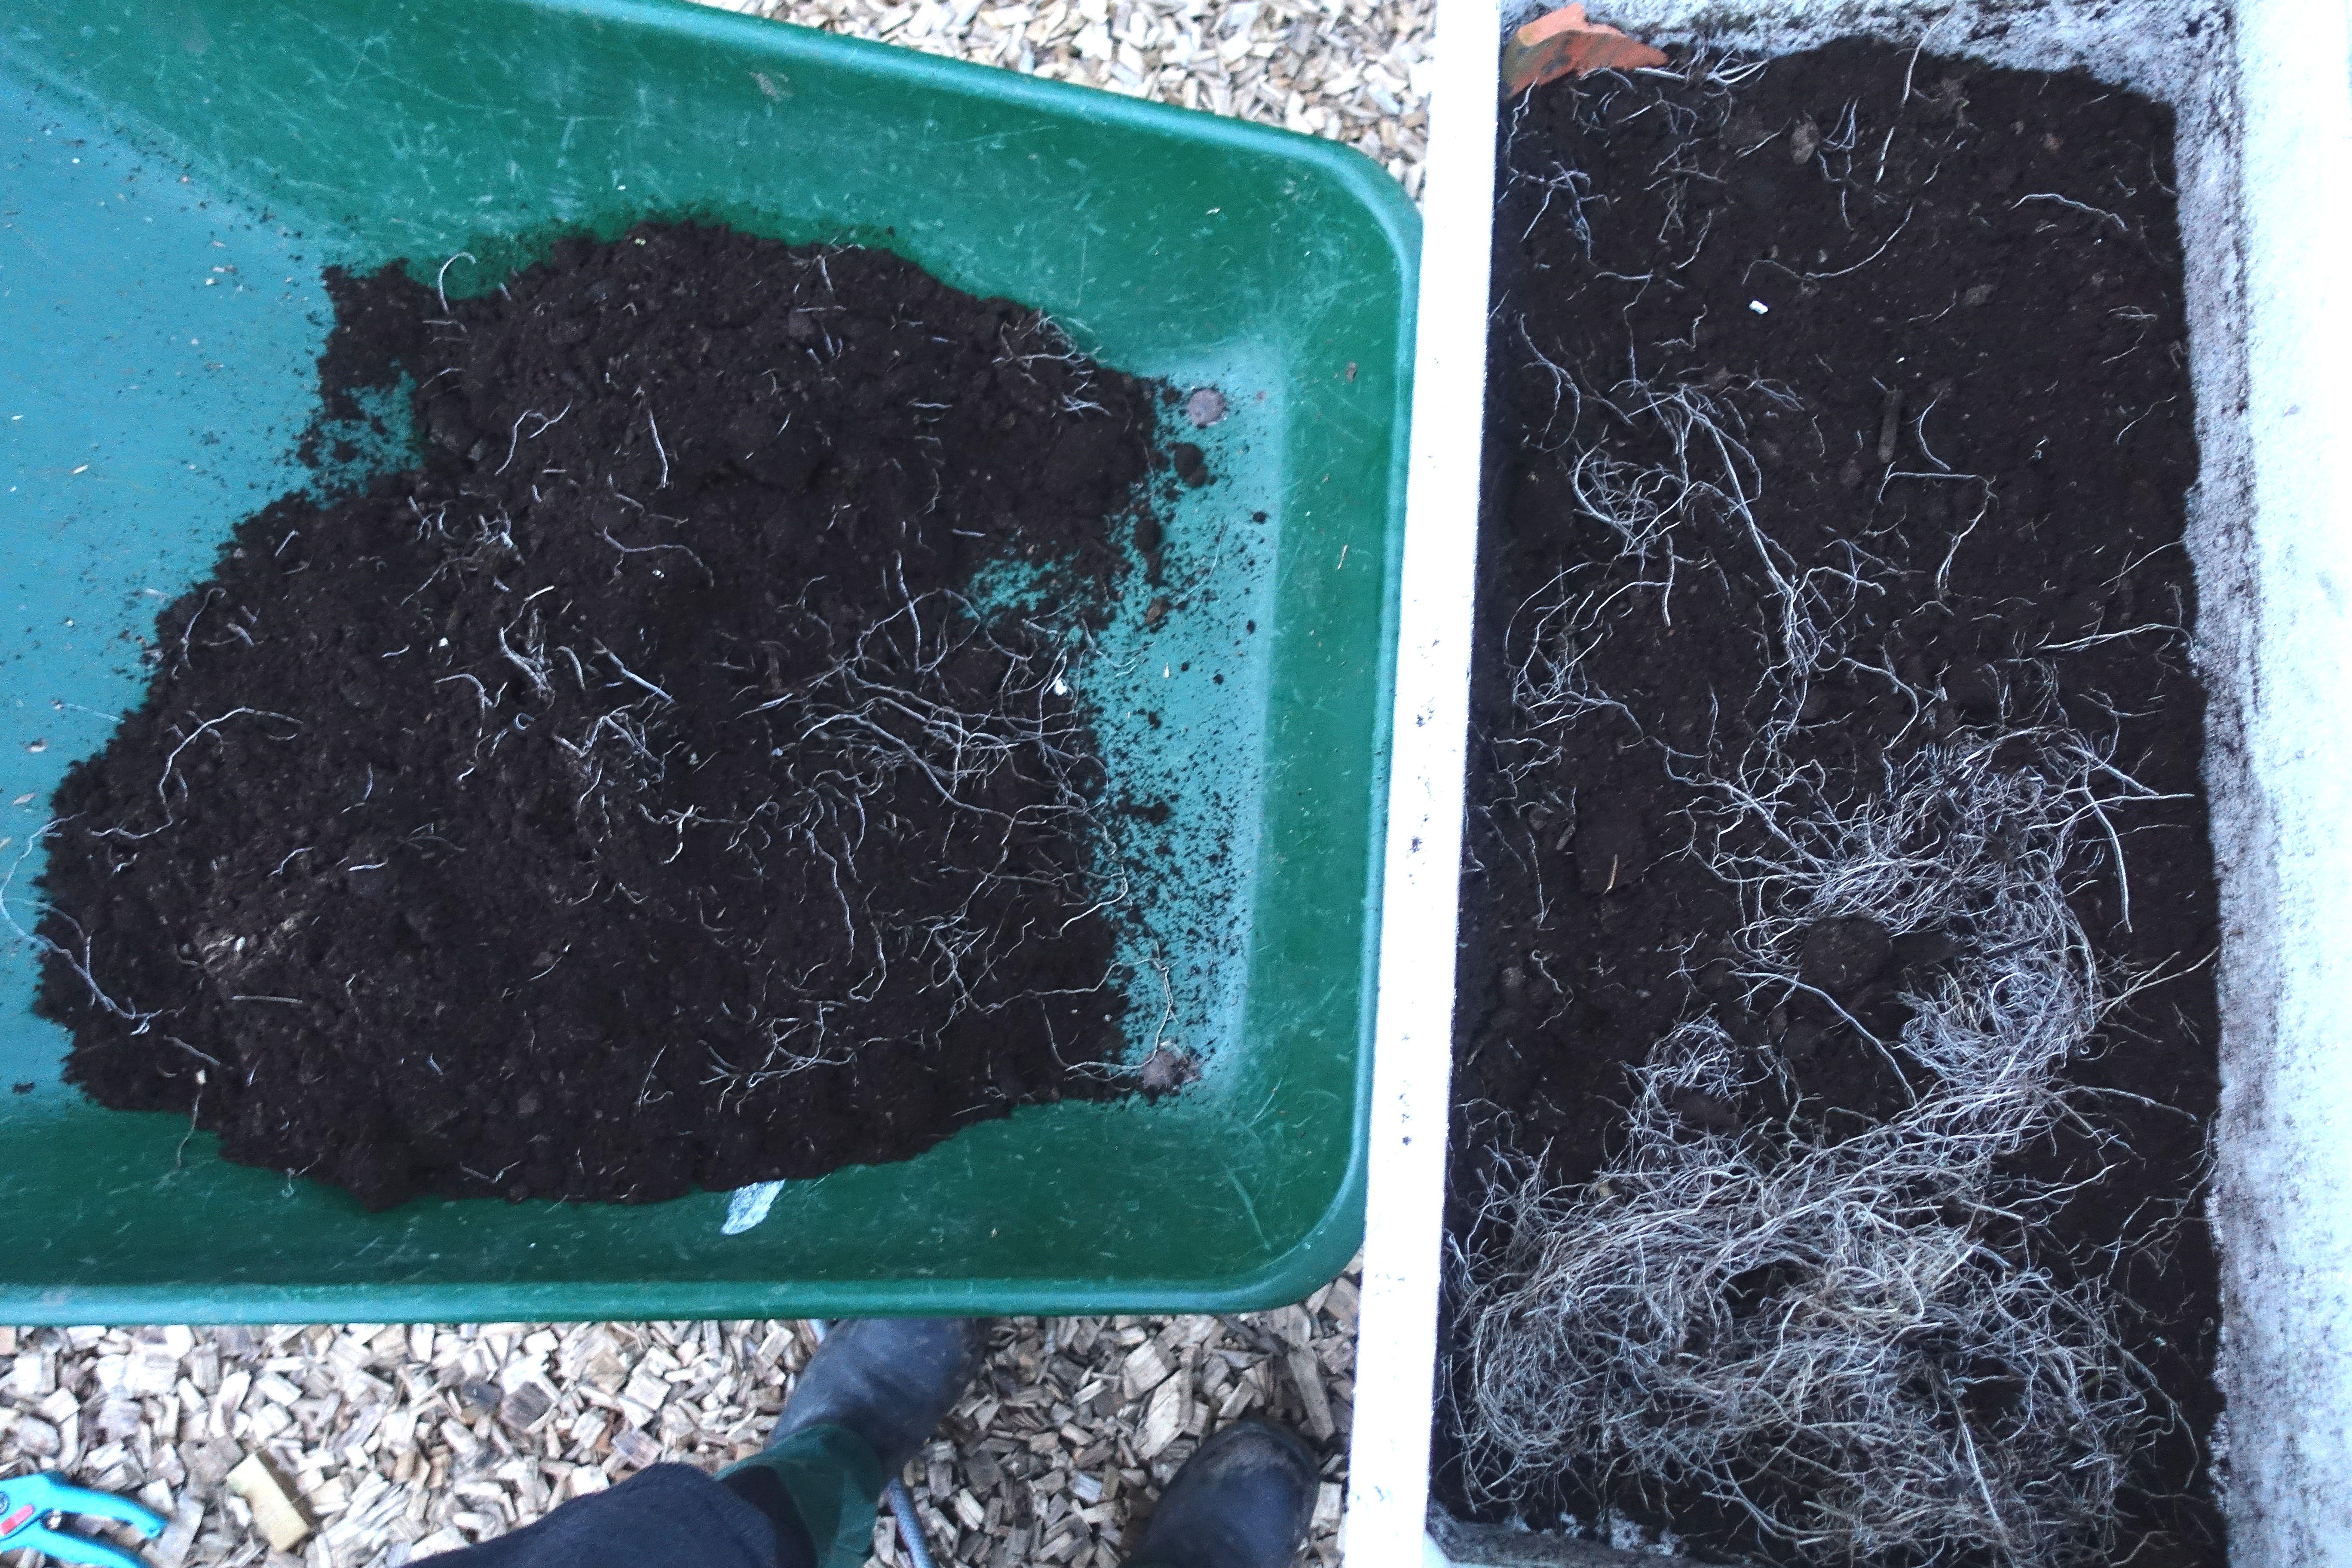 En frigolitlåda står på en skottkärra, med jord och växtmaterial i botten.